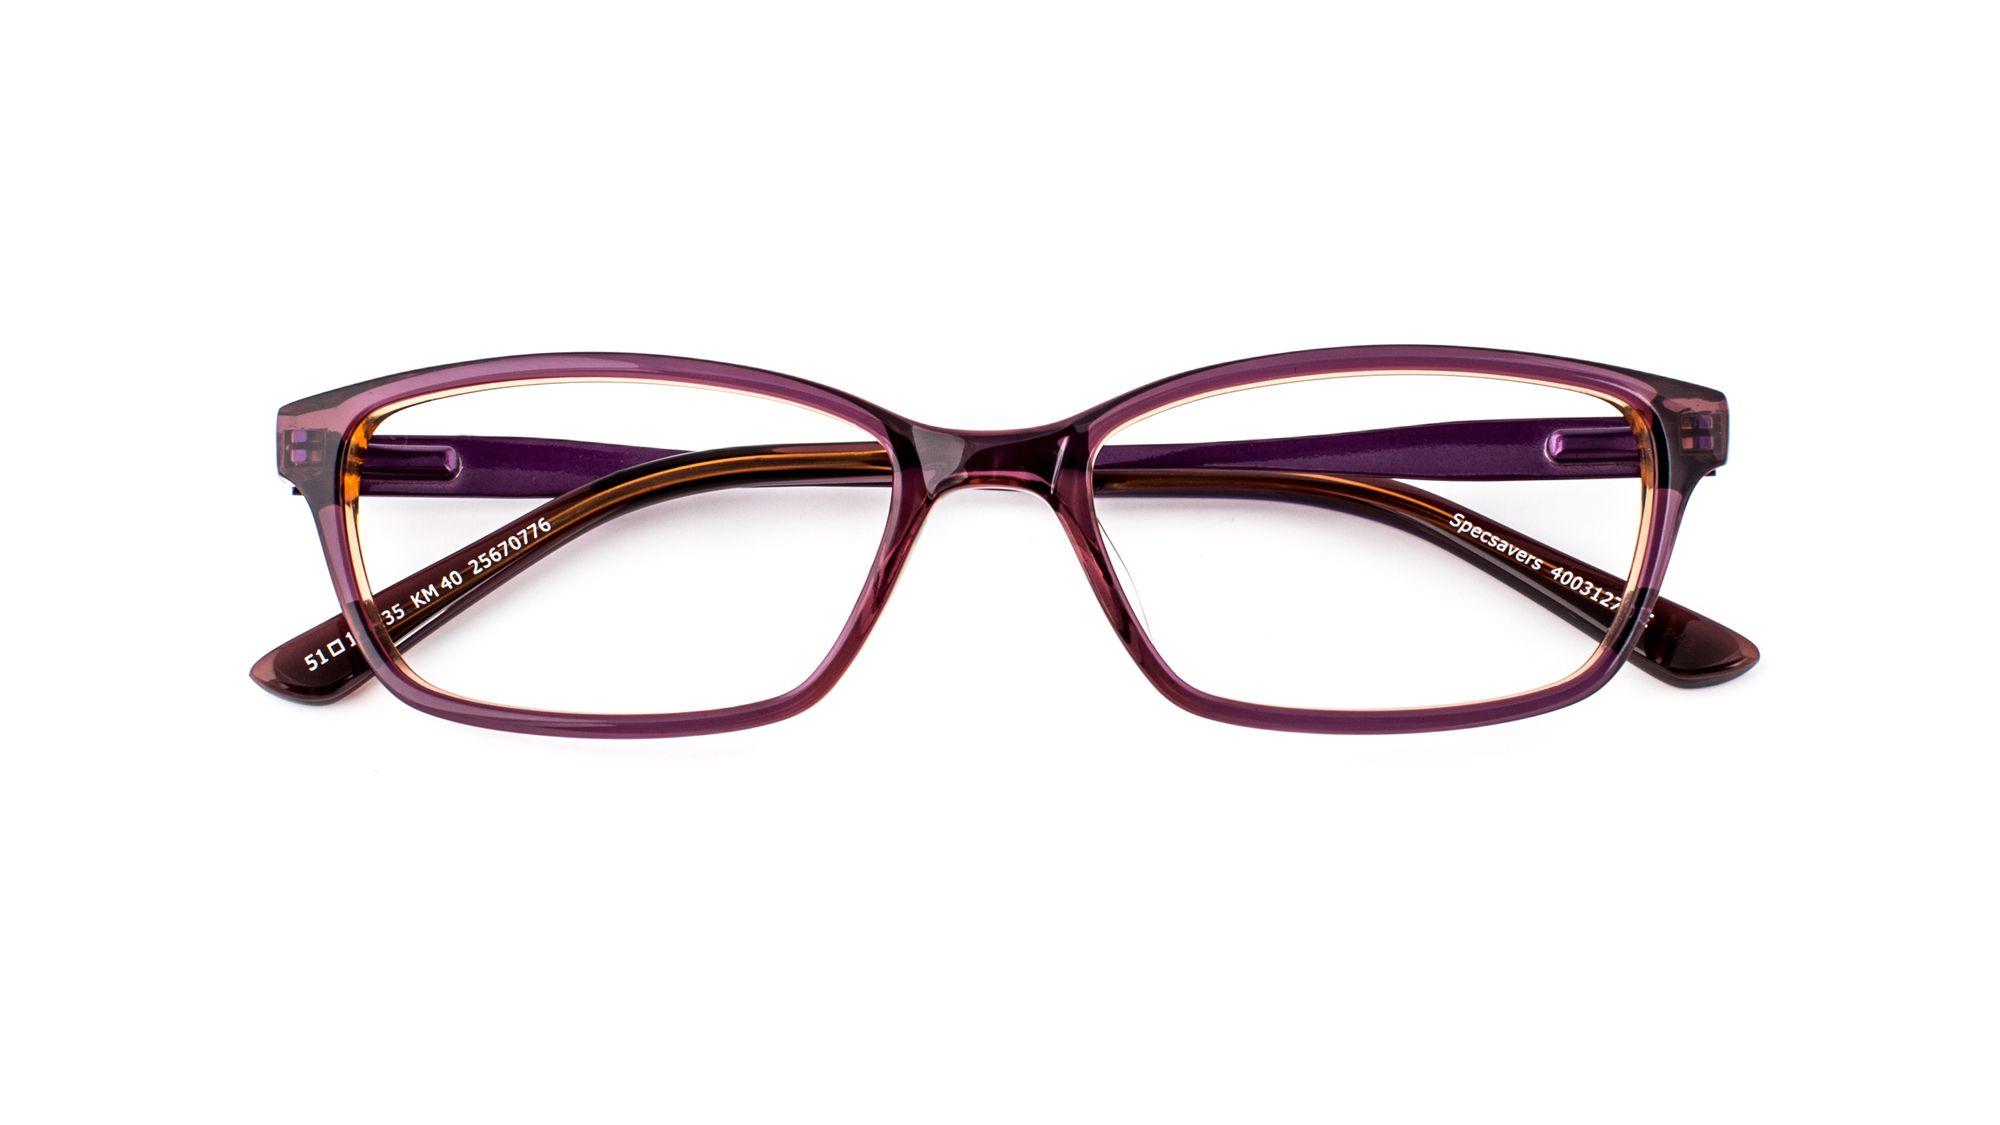 Karen Millen glasses - KAREN MILLEN 40 Glasses K Mullen ...